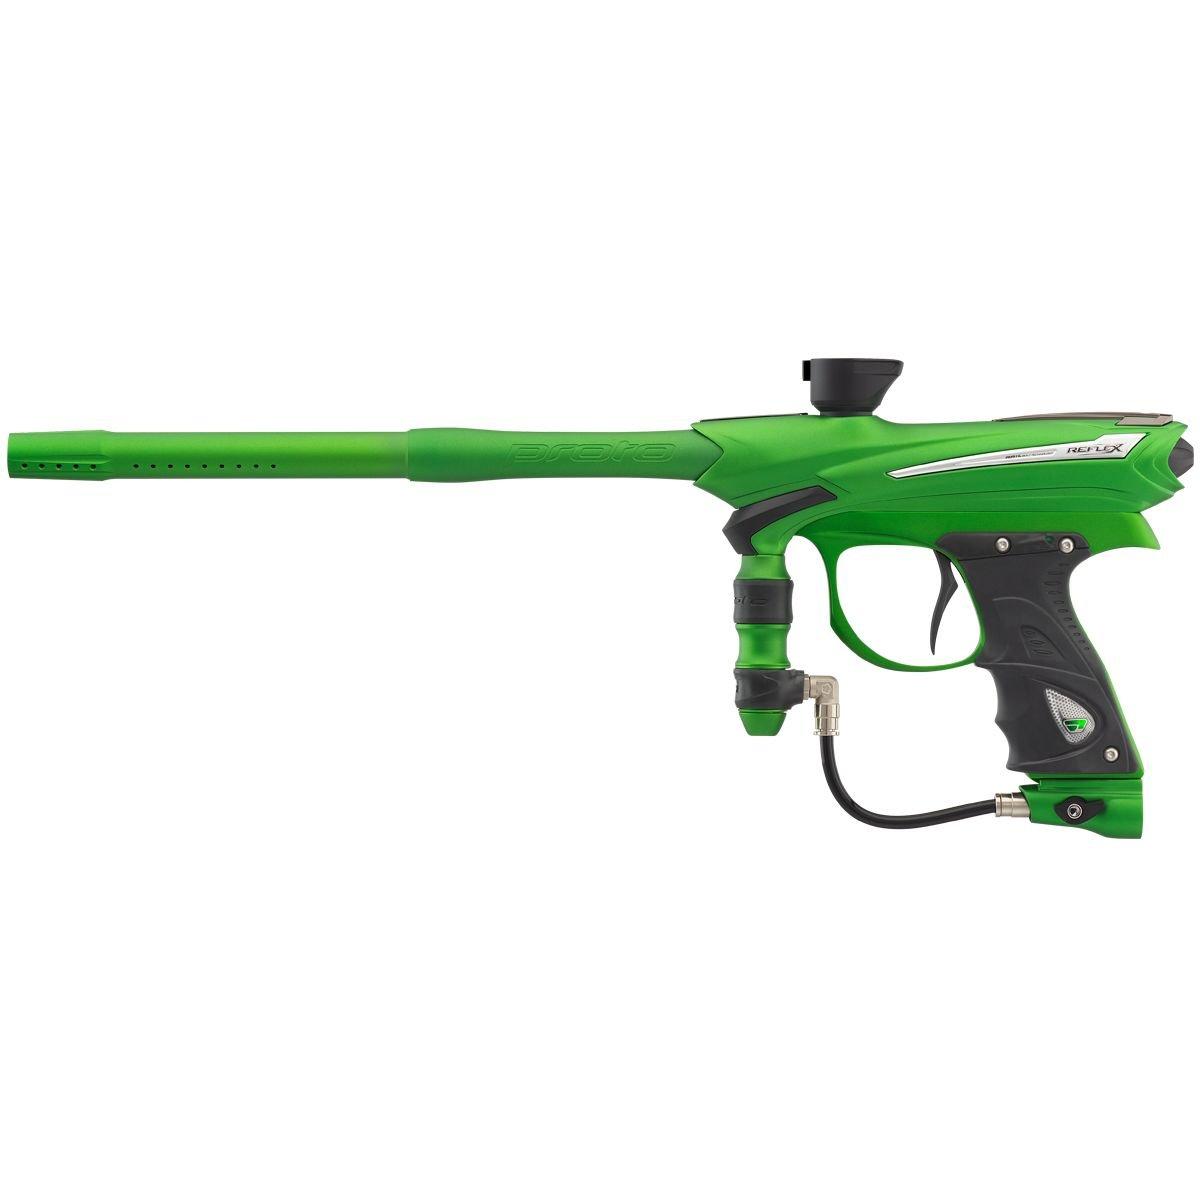 Best Paintball Gun Reviews Top 11 Guns Of 2018 Tippmann 98 Custom Pro Platinum Series Act Diagram